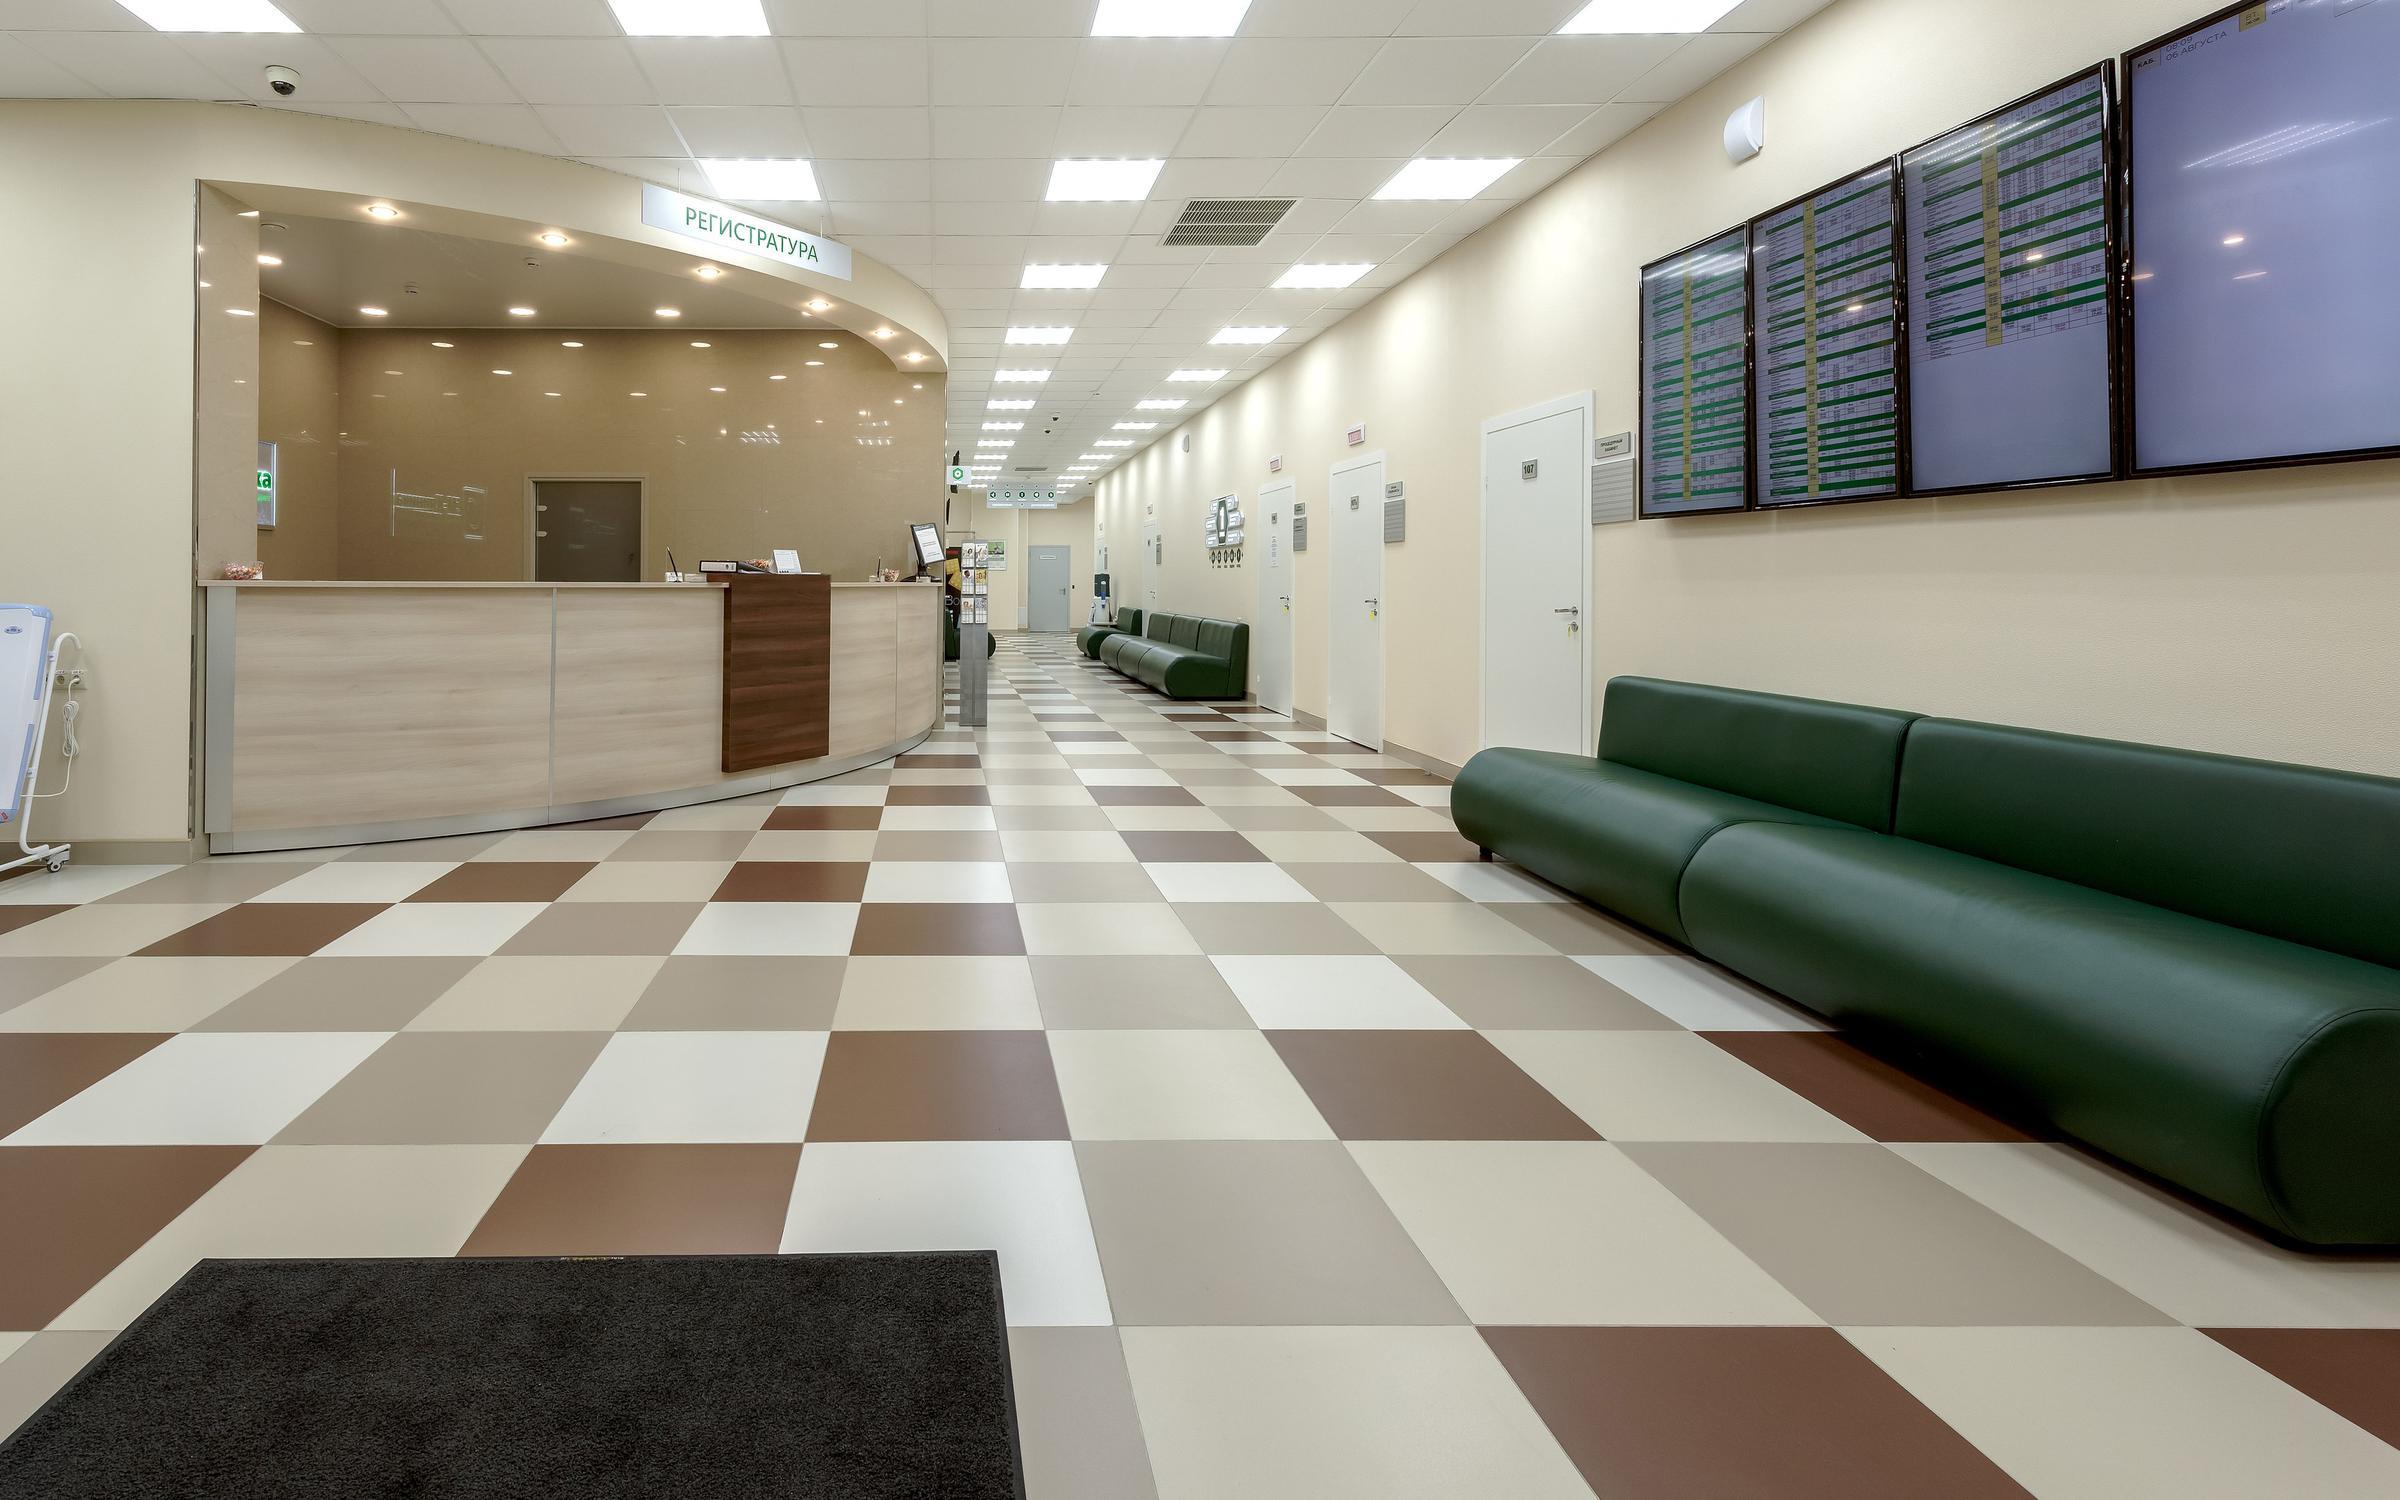 фотография Медицинского центра СМ-Клиника на Выборгском шоссе